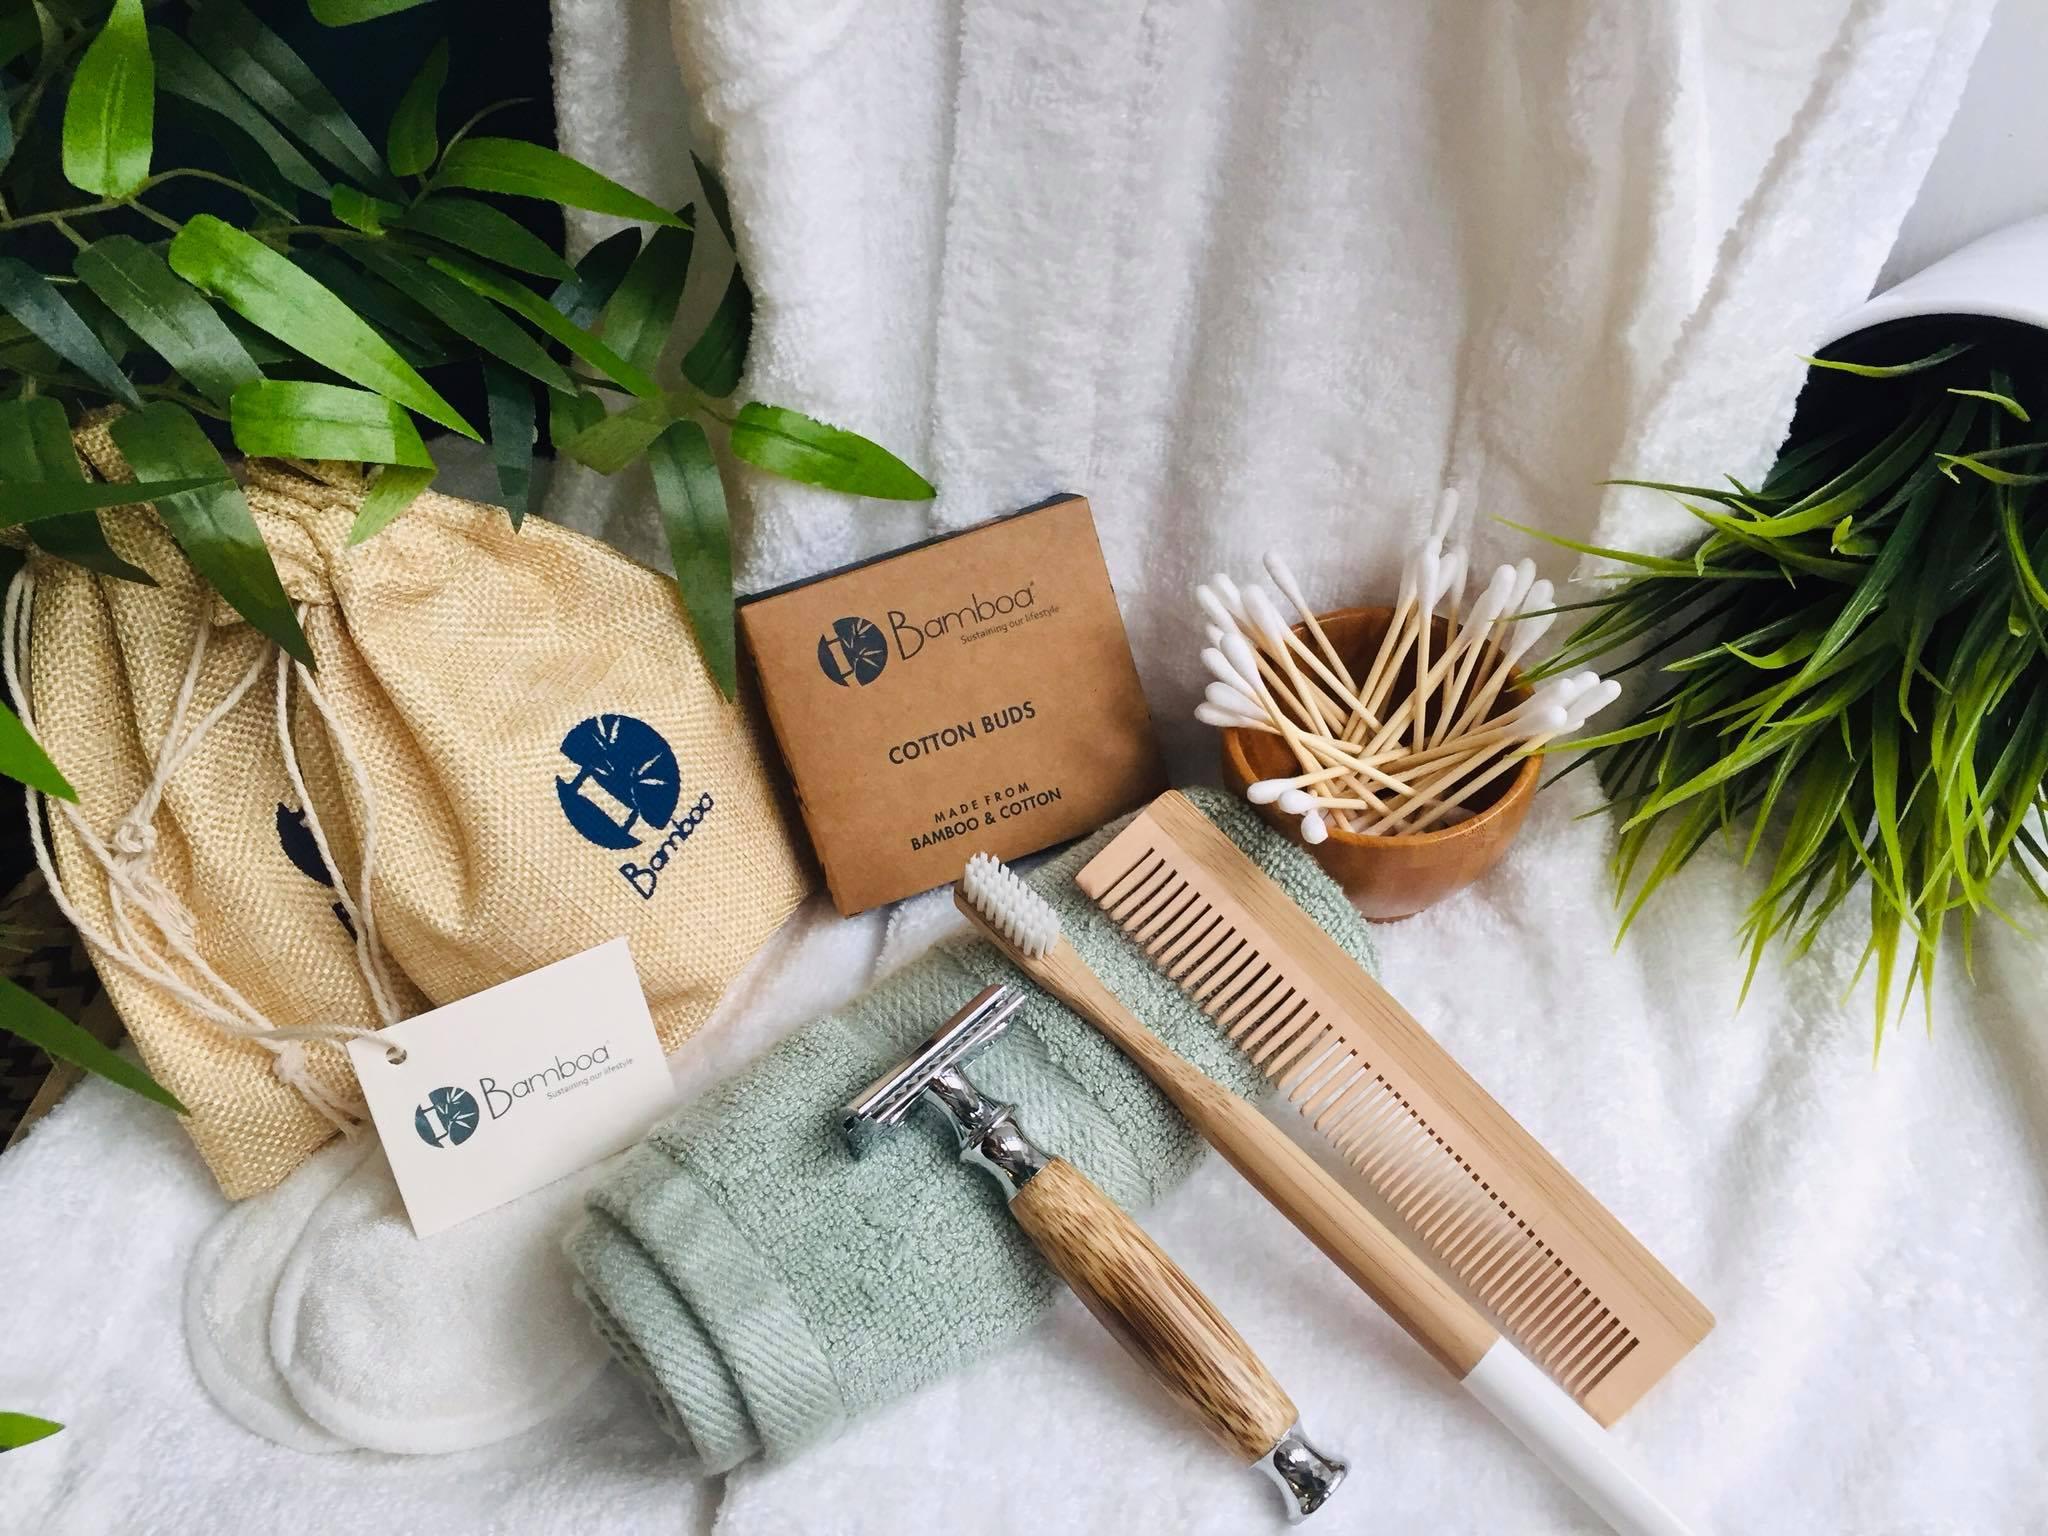 Bamboa-fb-28-02-2020